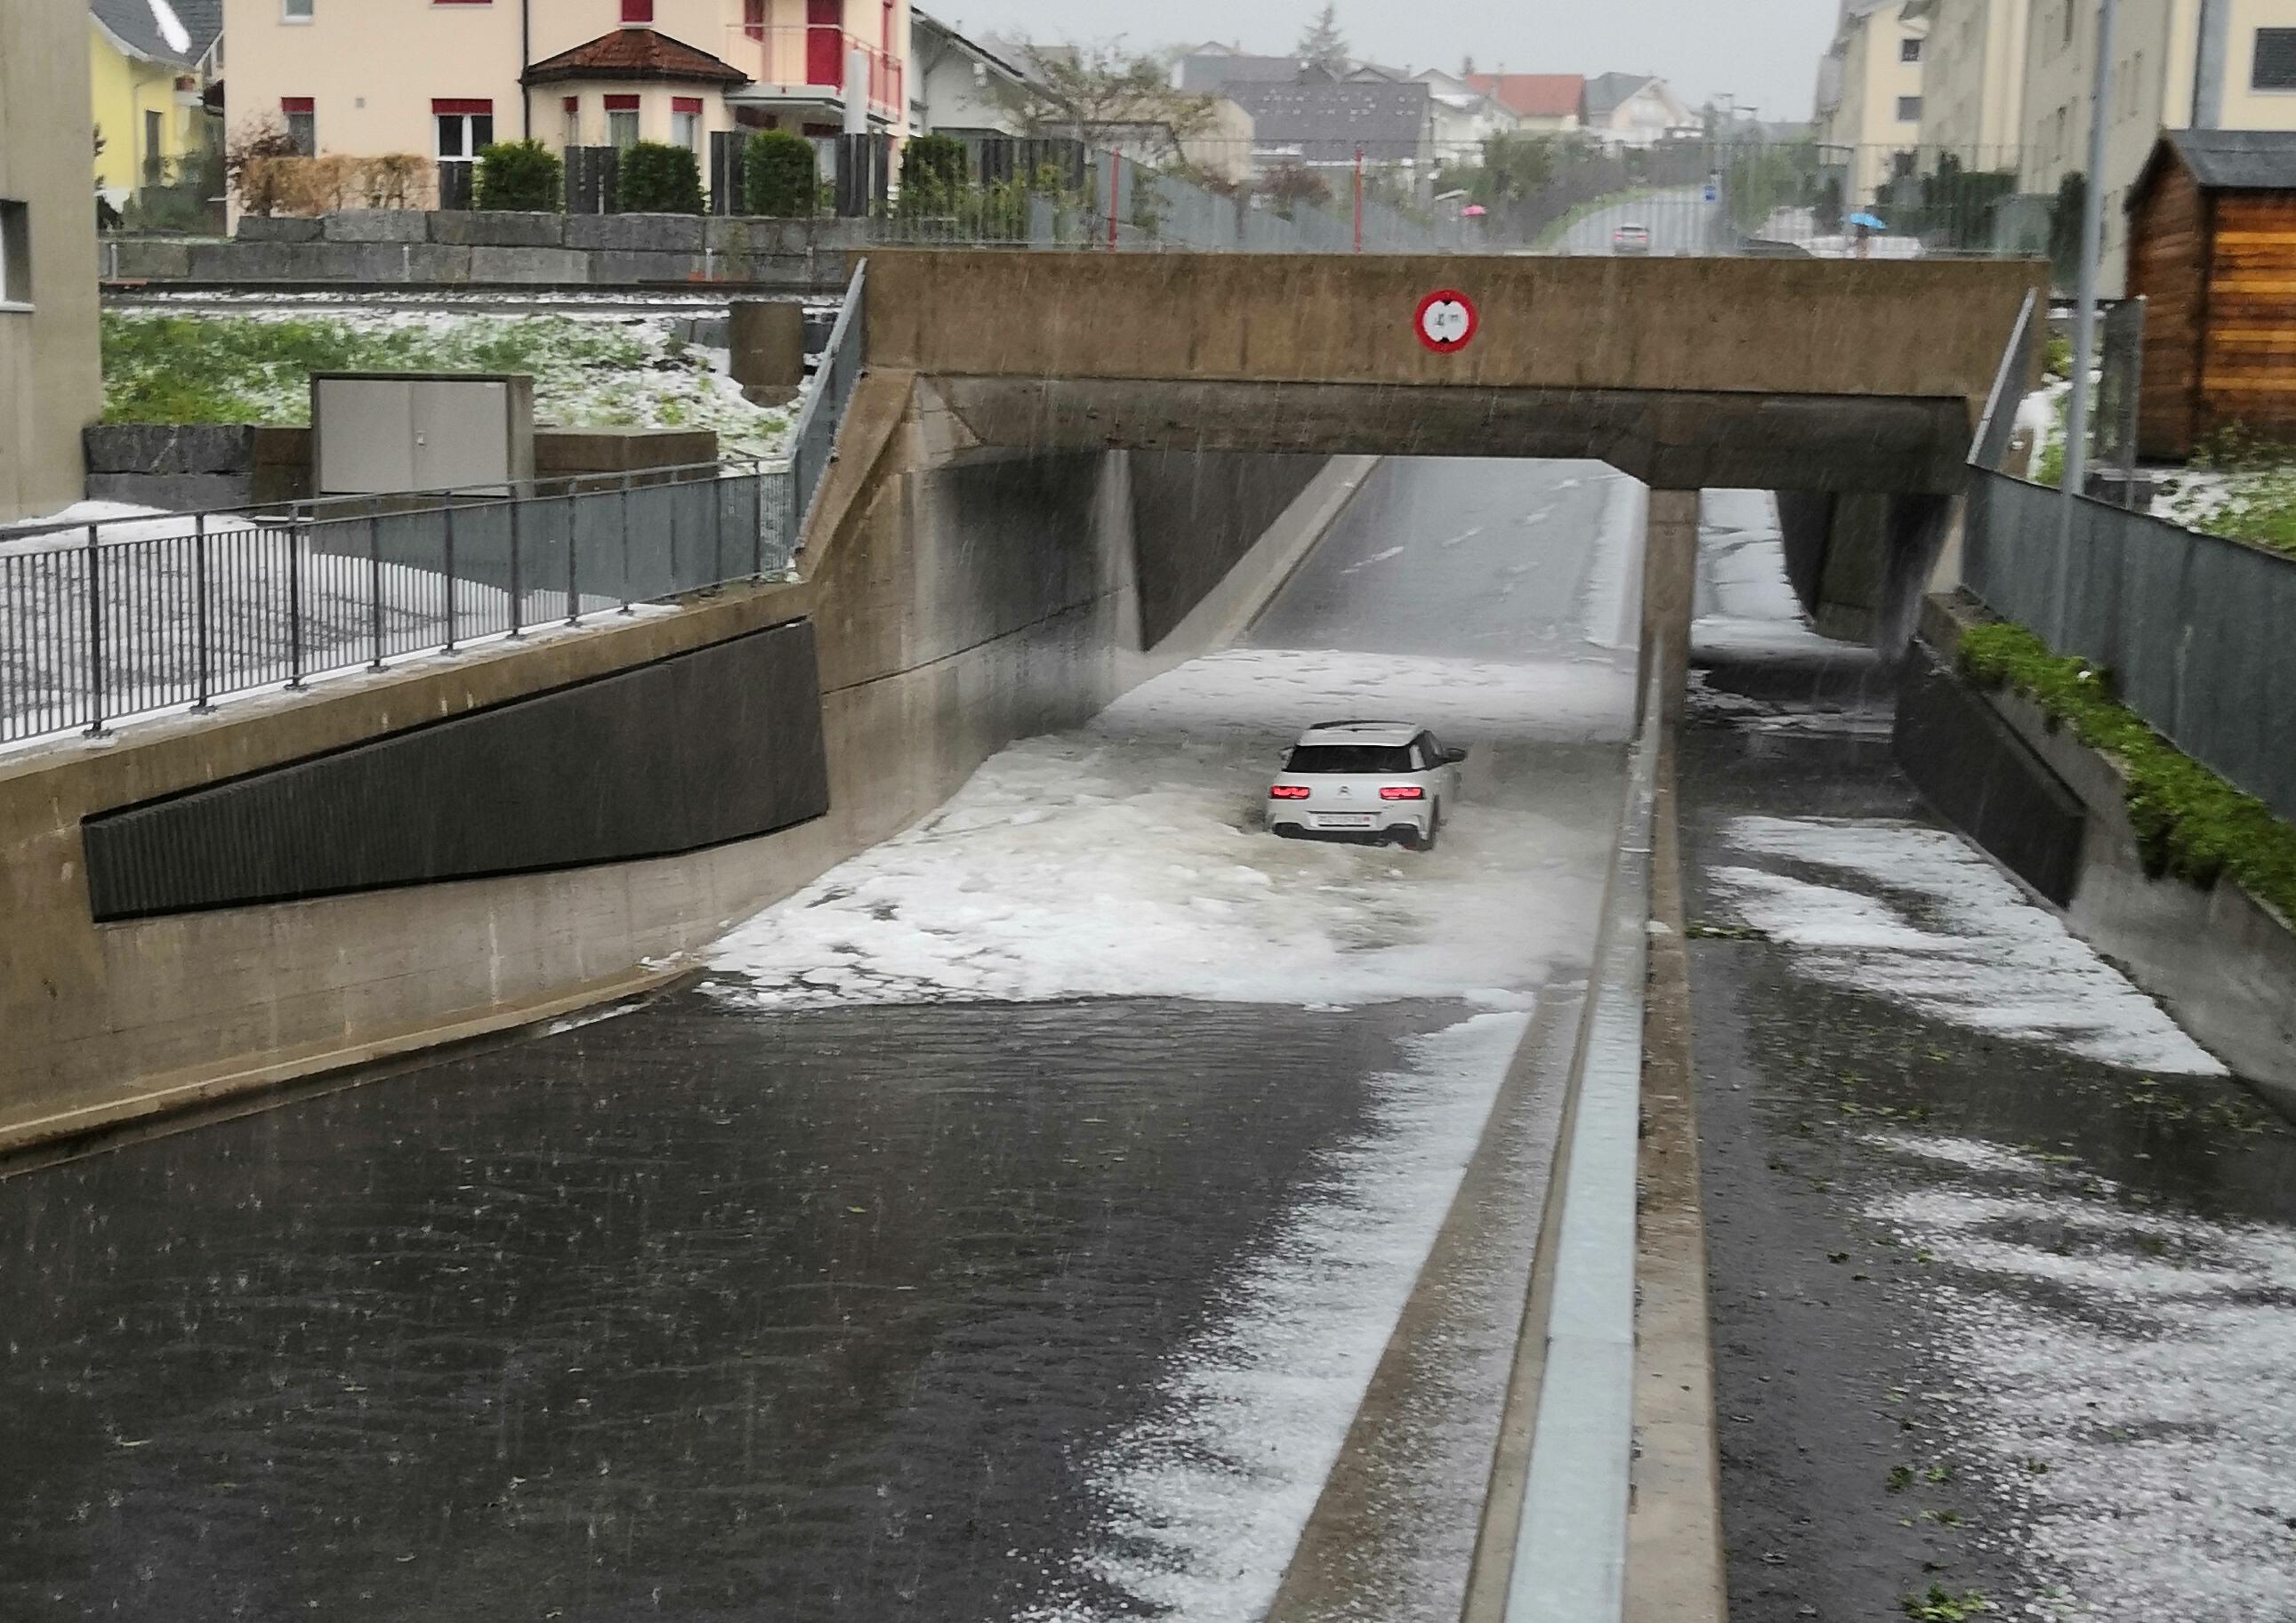 Einsiedeln: Kurzes aber heftiges Gewitter führte zu Überflutungen und Hagelschäden